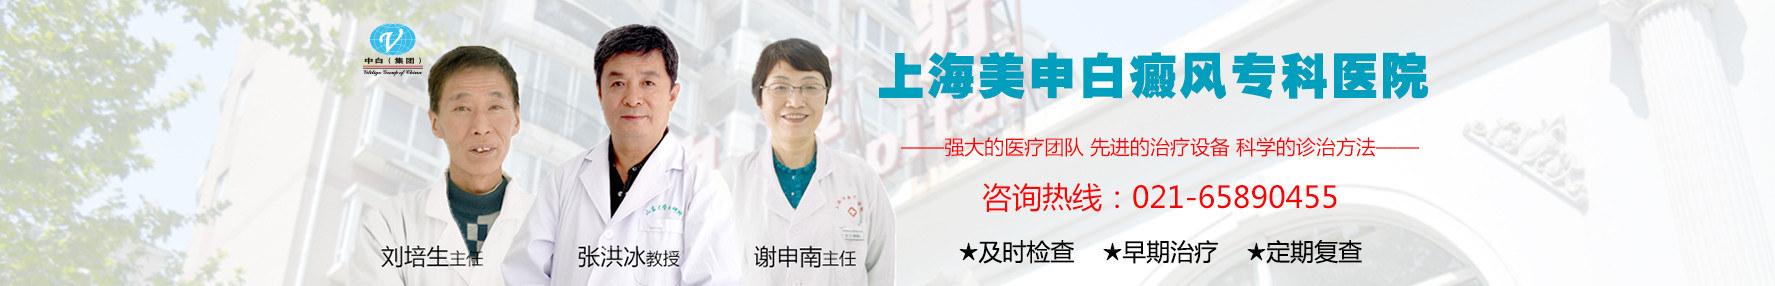 上海治疗白癜风的医院